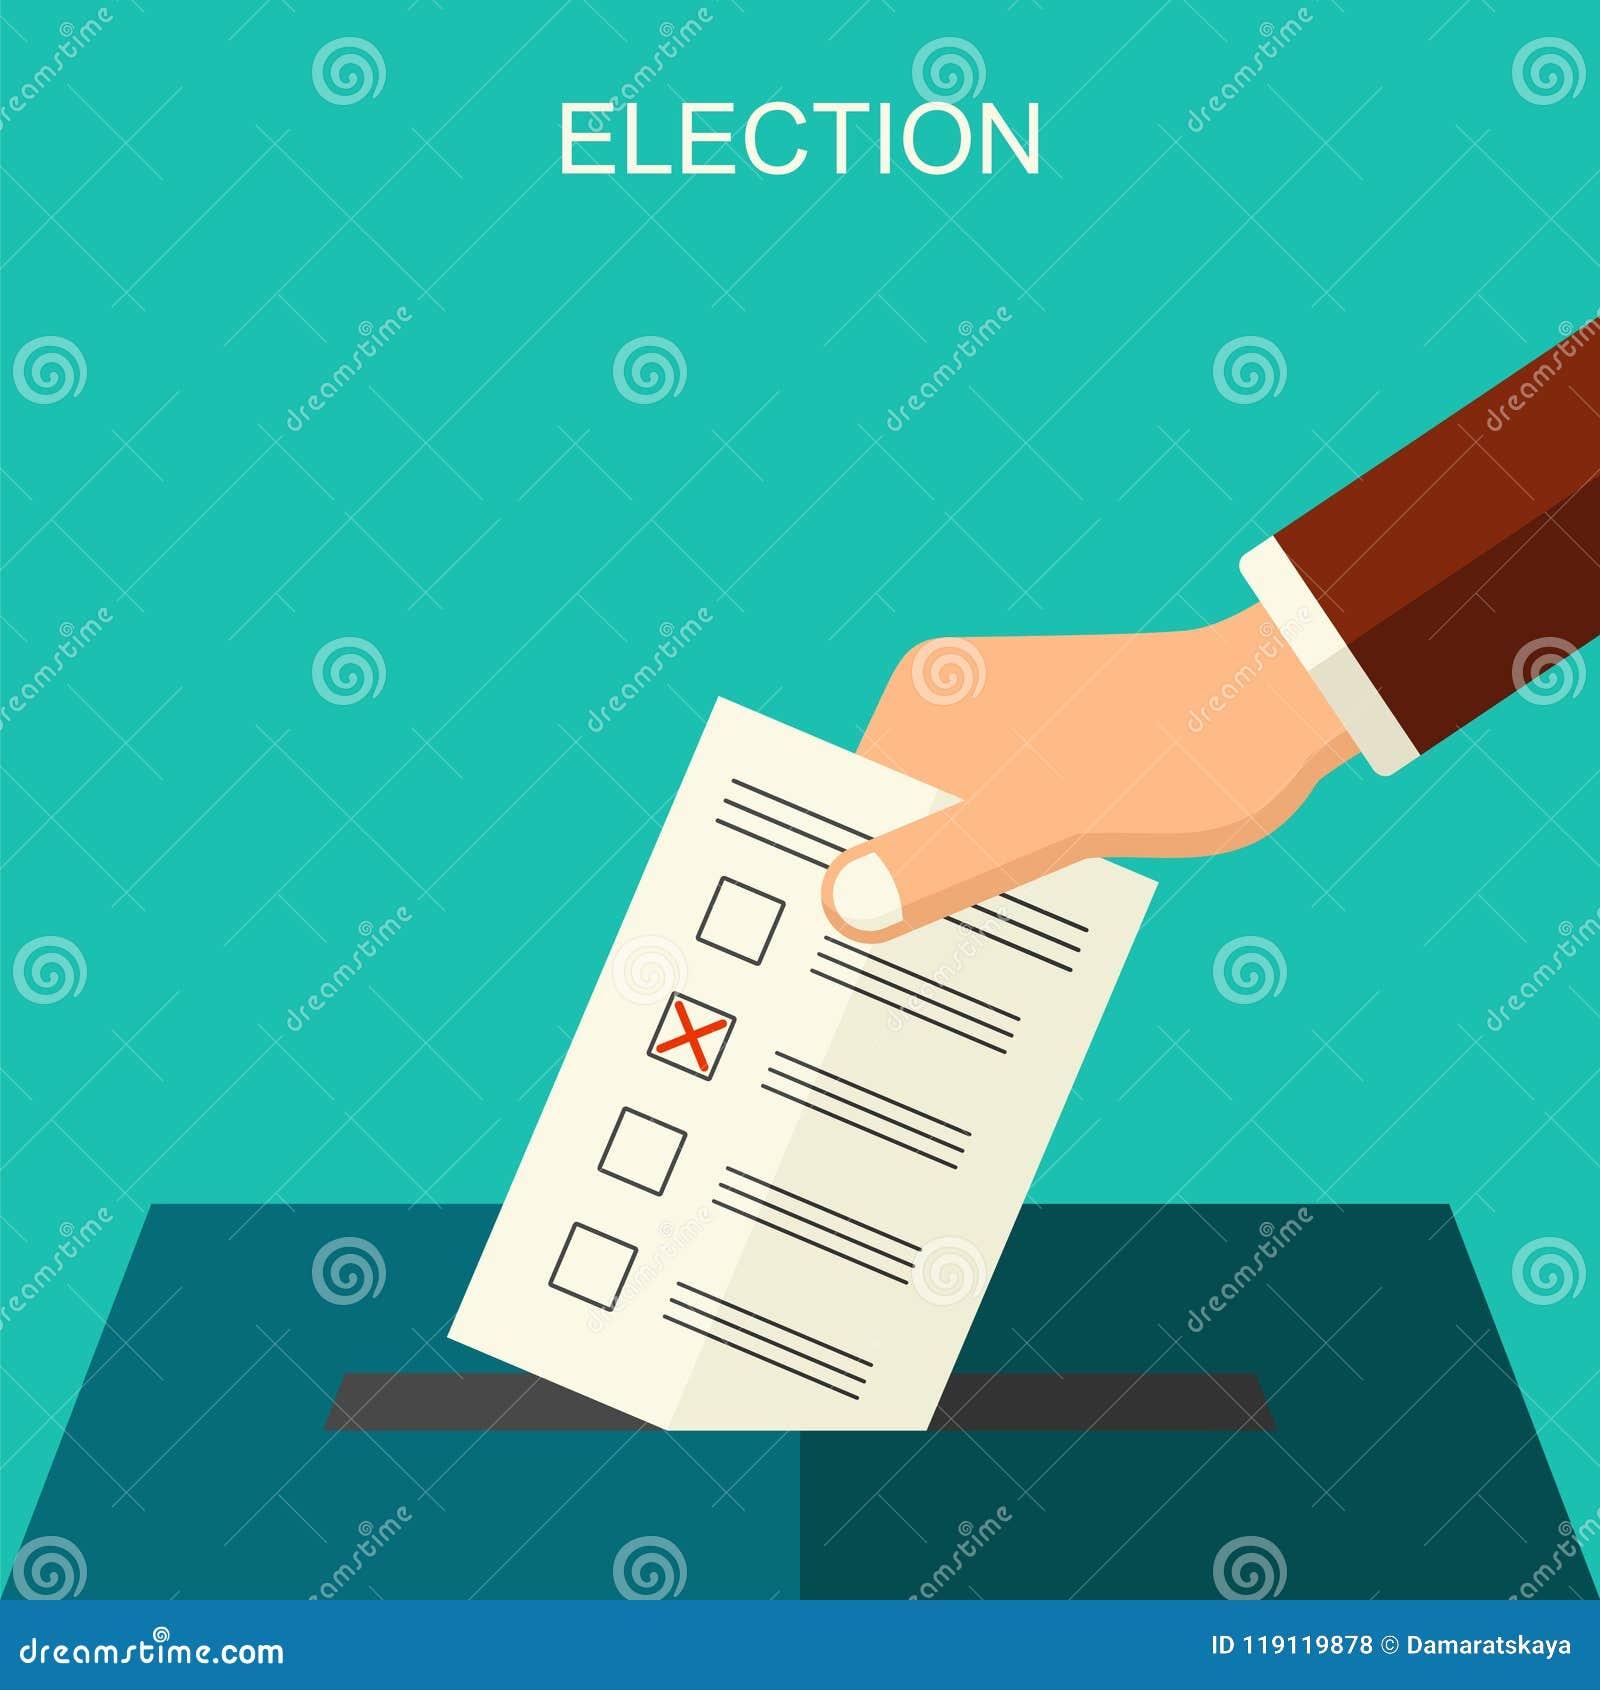 Arthintergrund des Wahl- und Abstimmungskonzeptvektors flacher Illustration für Wahlkampfflieger, -broschüren und -website